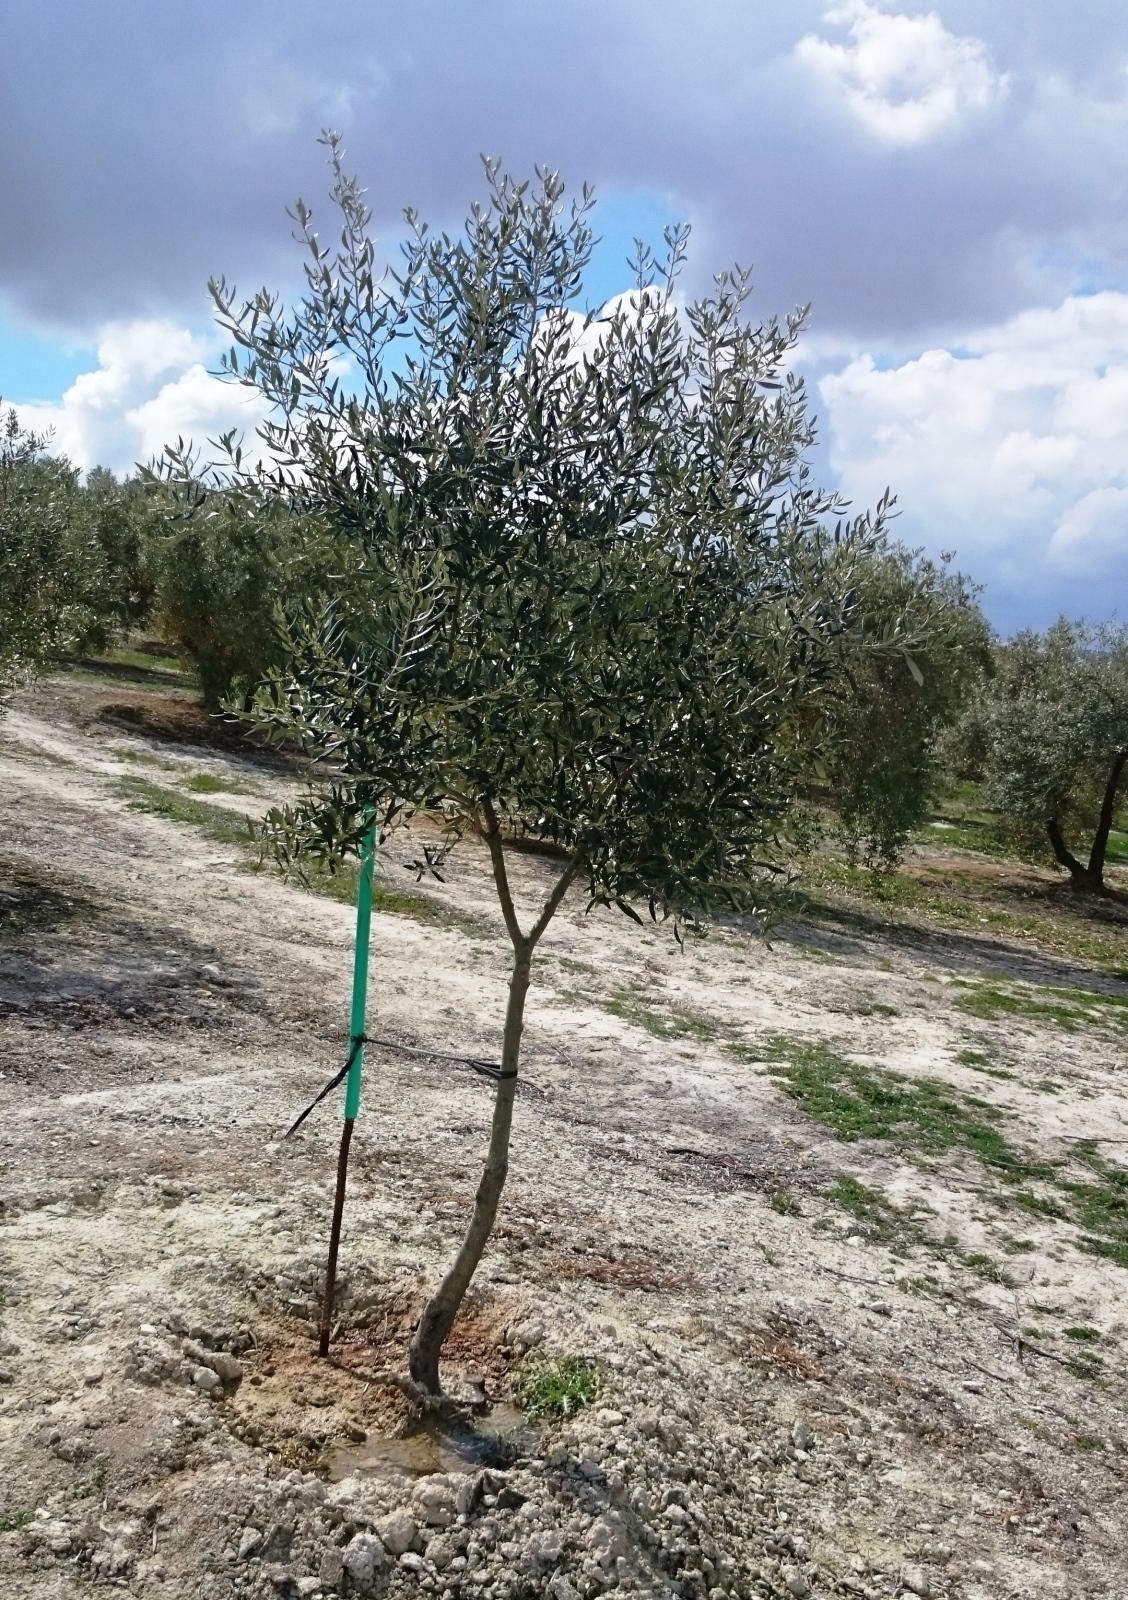 Crecimiento de plantones olivo - Página 9 Jjsb6g